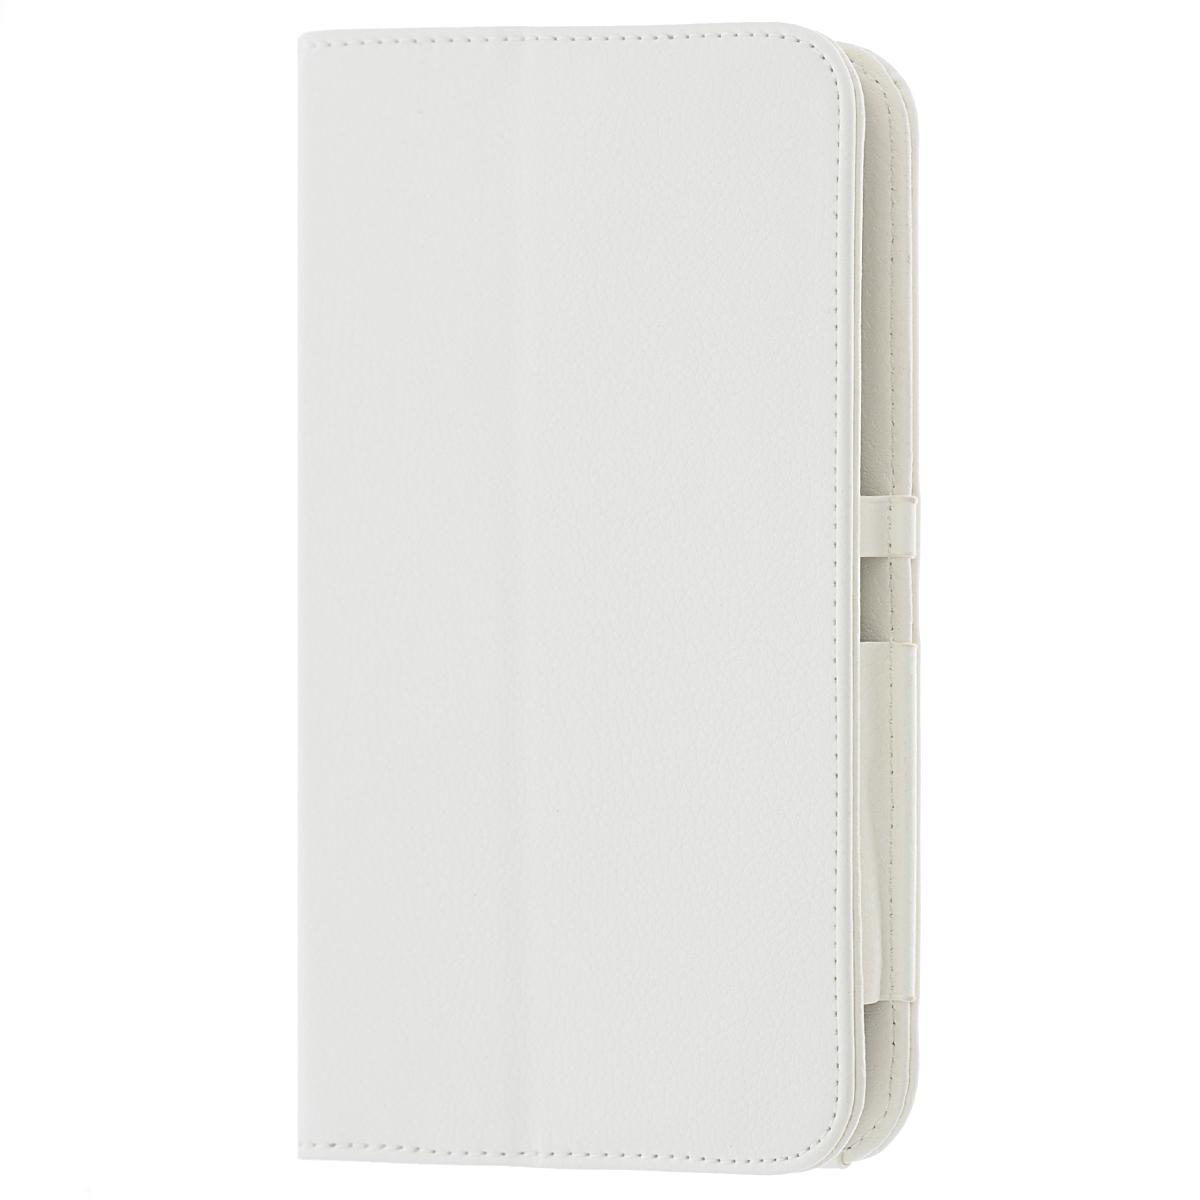 IT Baggage чехол для Samsung Galaxy Tab 4 7.0, WhiteITSSGT7402-0IT Baggage для Samsung Galaxy Tab 4 7.0 - удобный чехол для вашего планшета. Он сохранит ваш планшет от царапин, пыли и грязи. Даже при частом использовании в нём вашего планшетного компьютера, его хватит на несколько лет. Может быть использован в качестве подставки для чтения книг и просмотра фильмов.